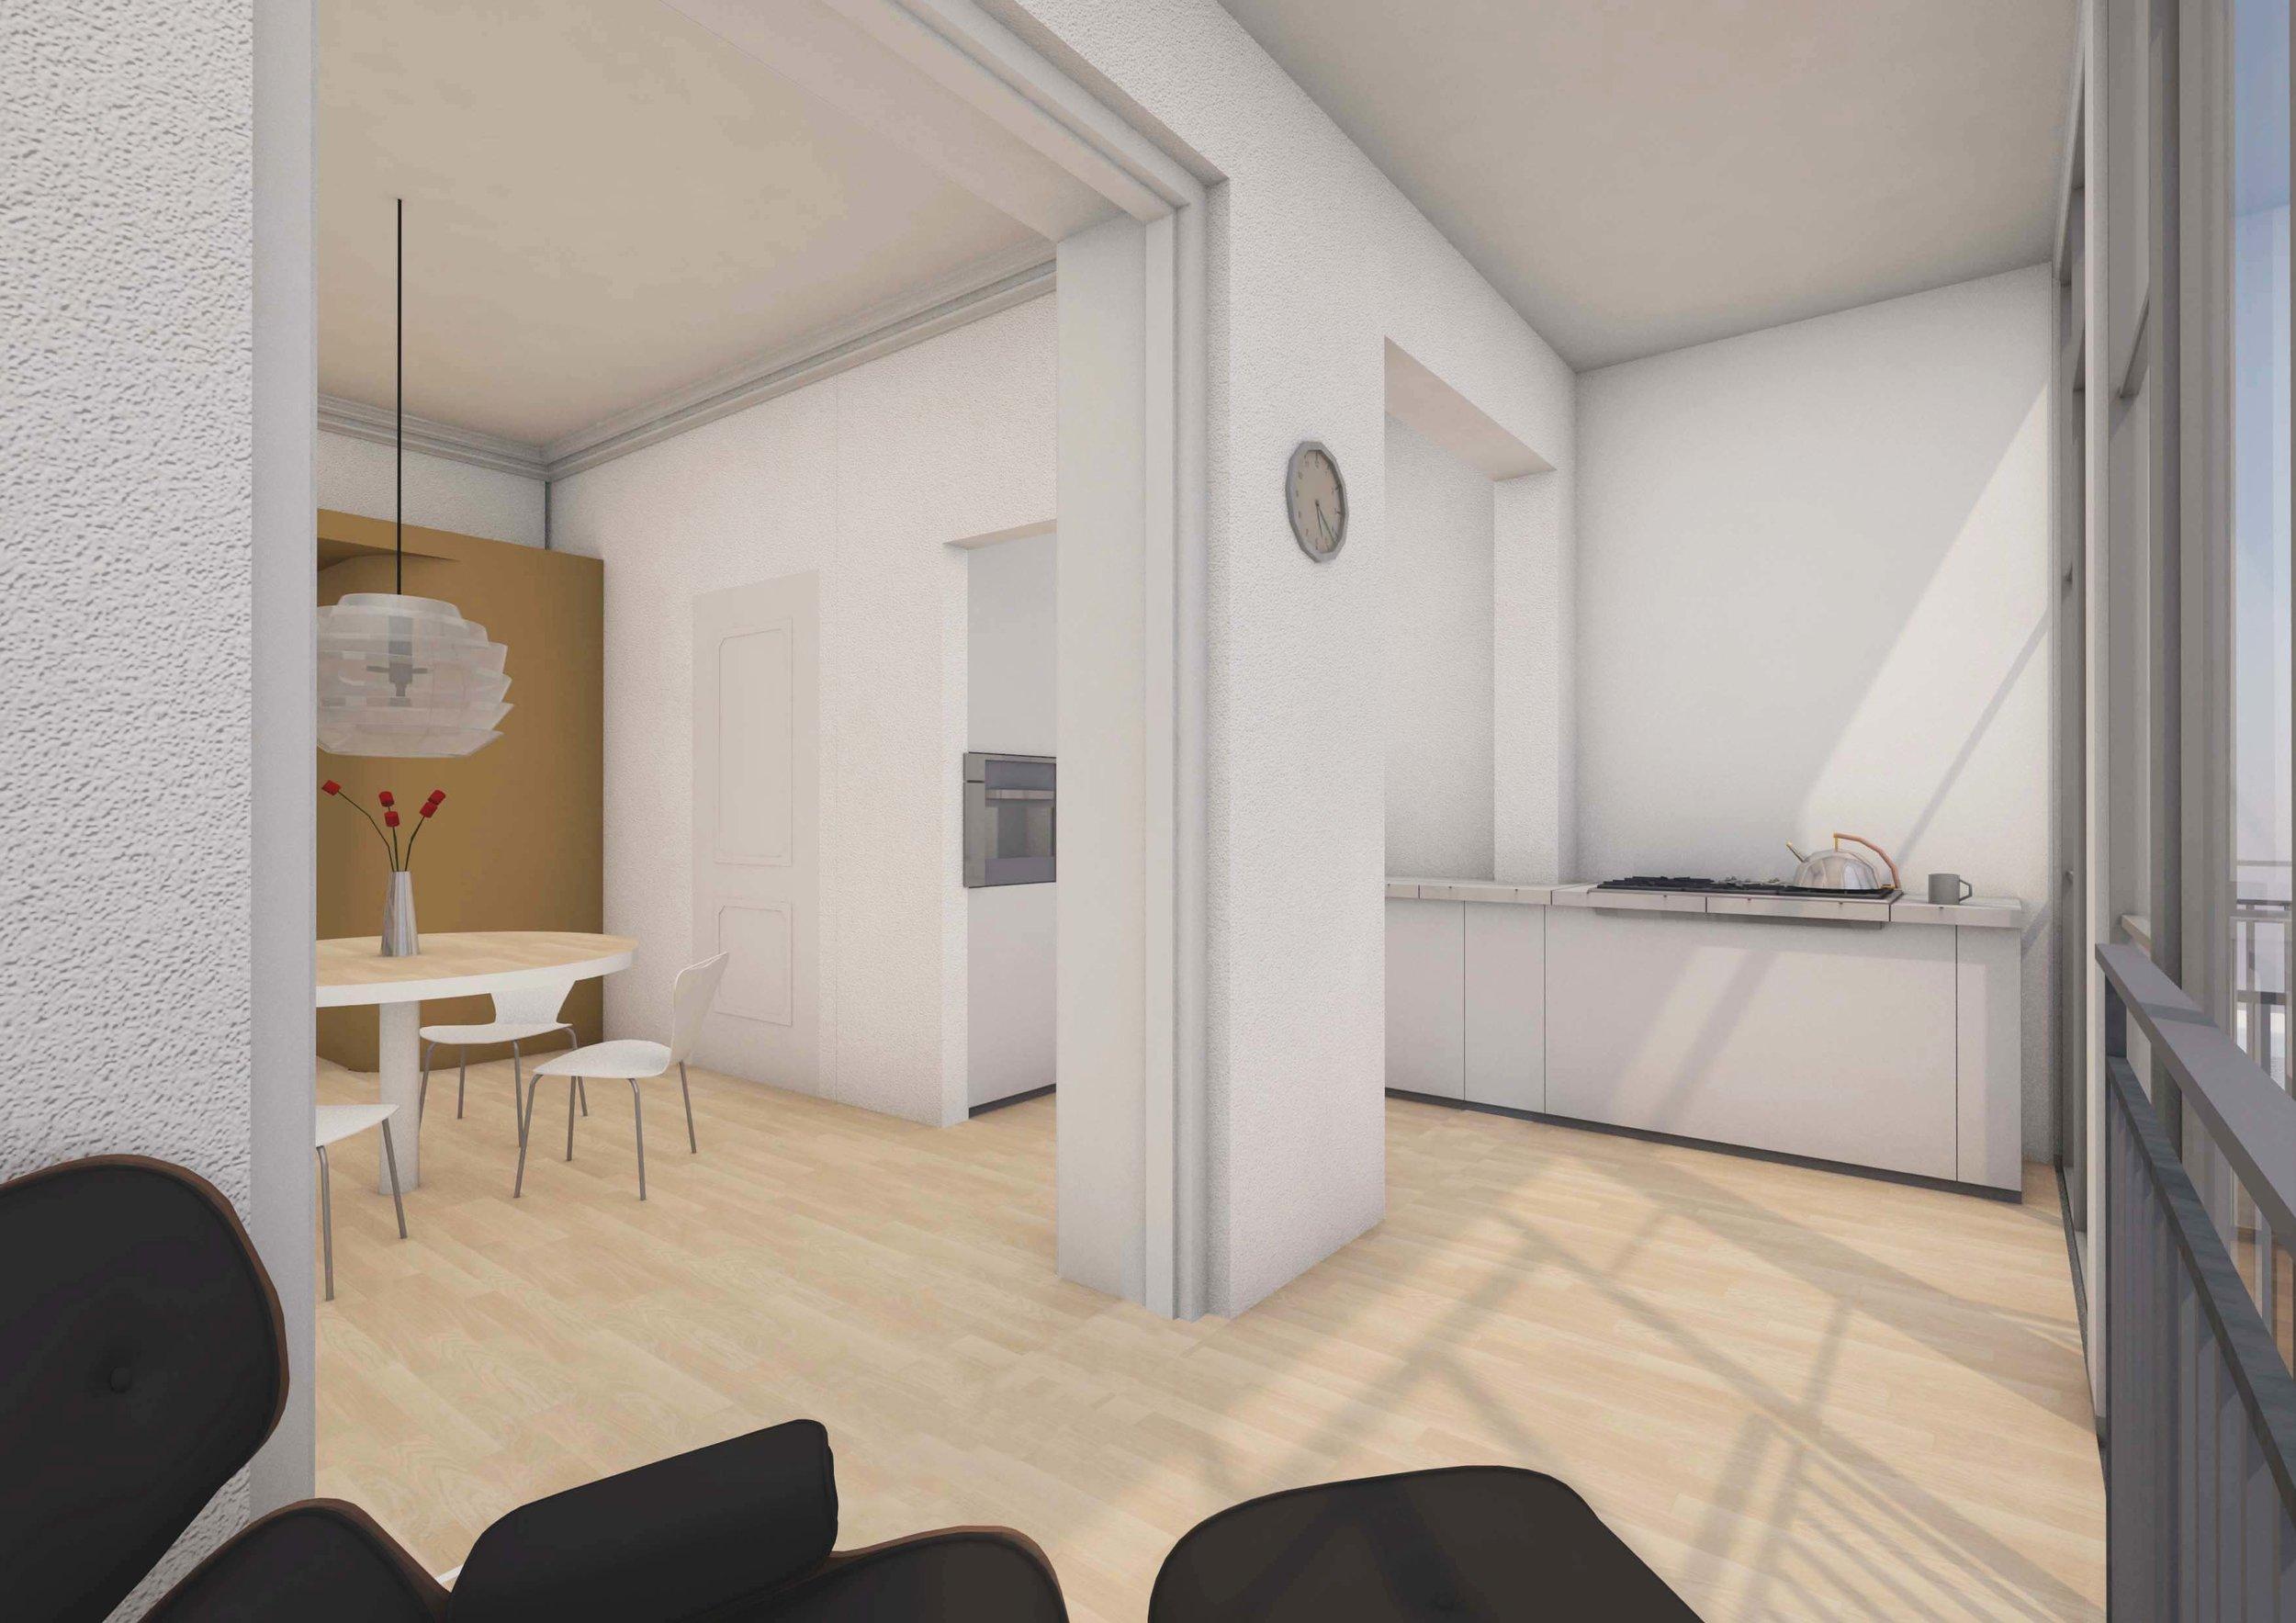 OPD interieur keuken bewerkt.jpg